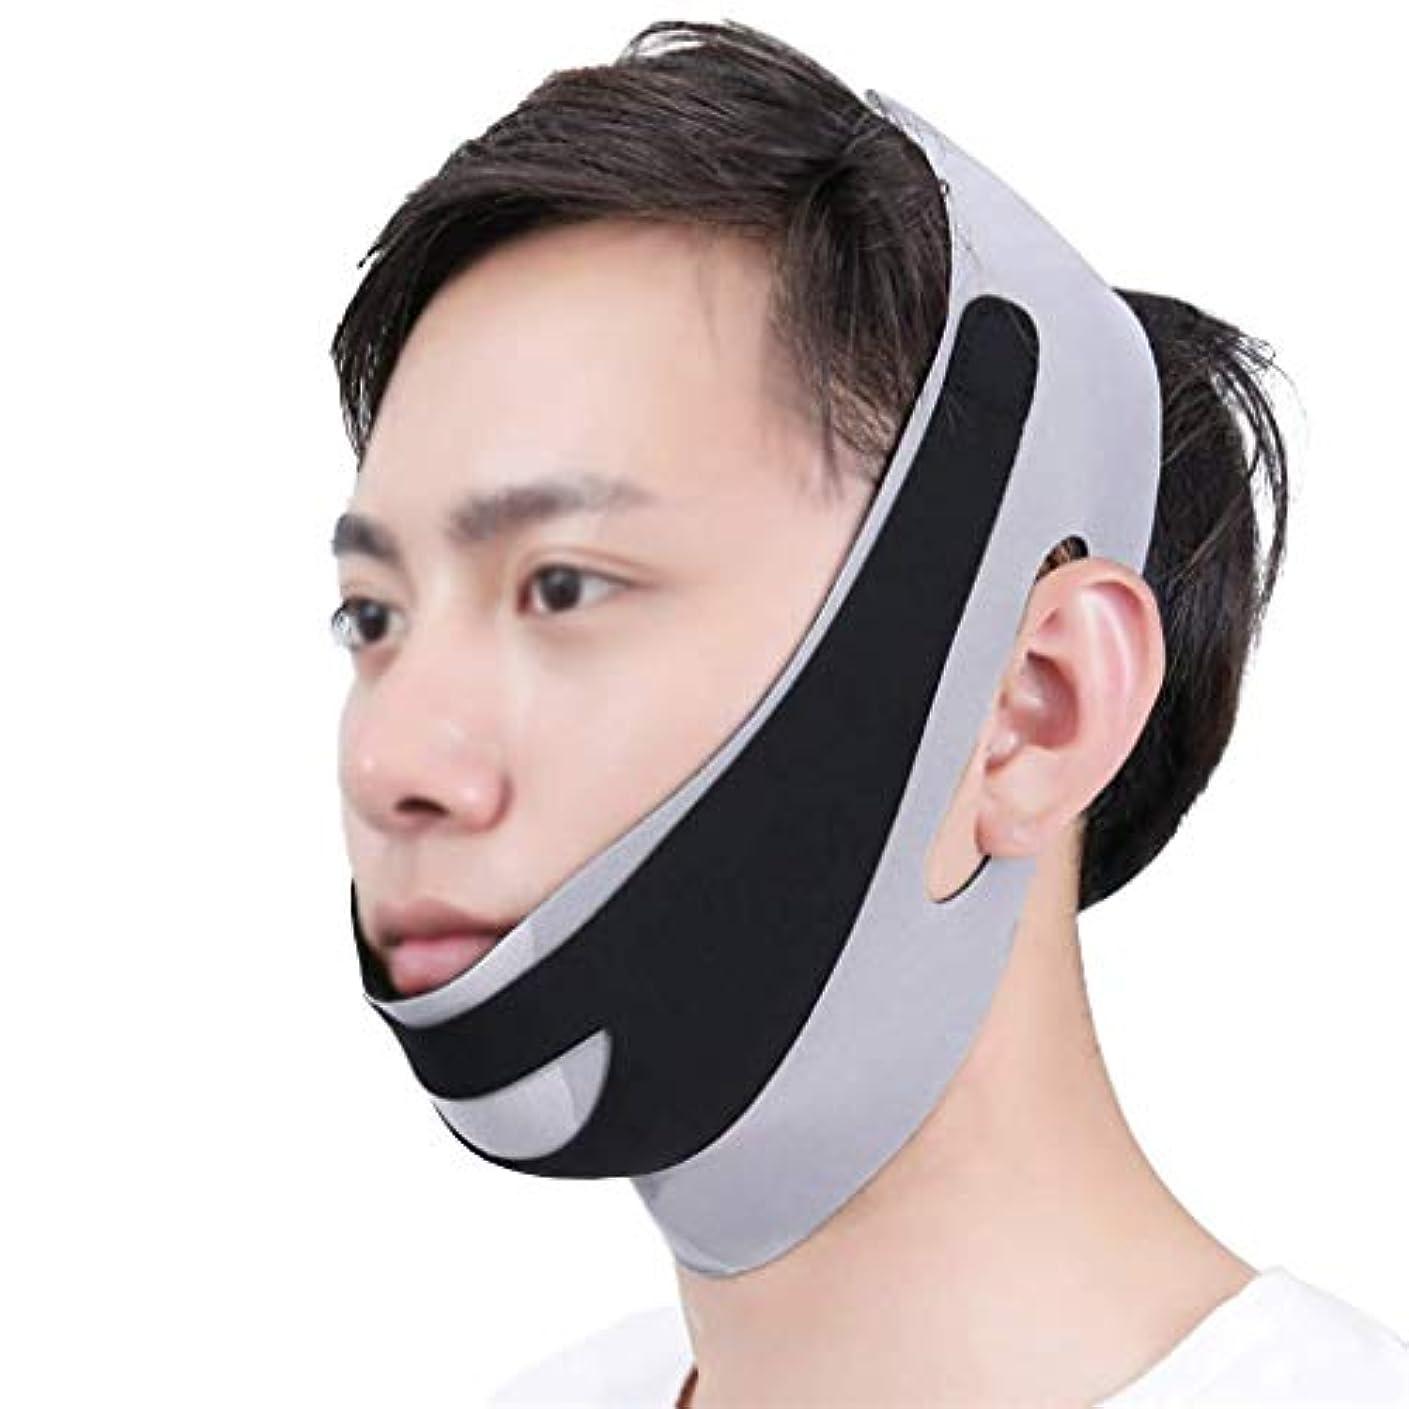 摂氏バイオレットなしで顔と首のリフト術後の弾性フェイスマスク小さなV顔アーティファクト薄い顔包帯アーティファクトV顔ぶら下げ耳リフティング引き締め男性の顔アーティファクト